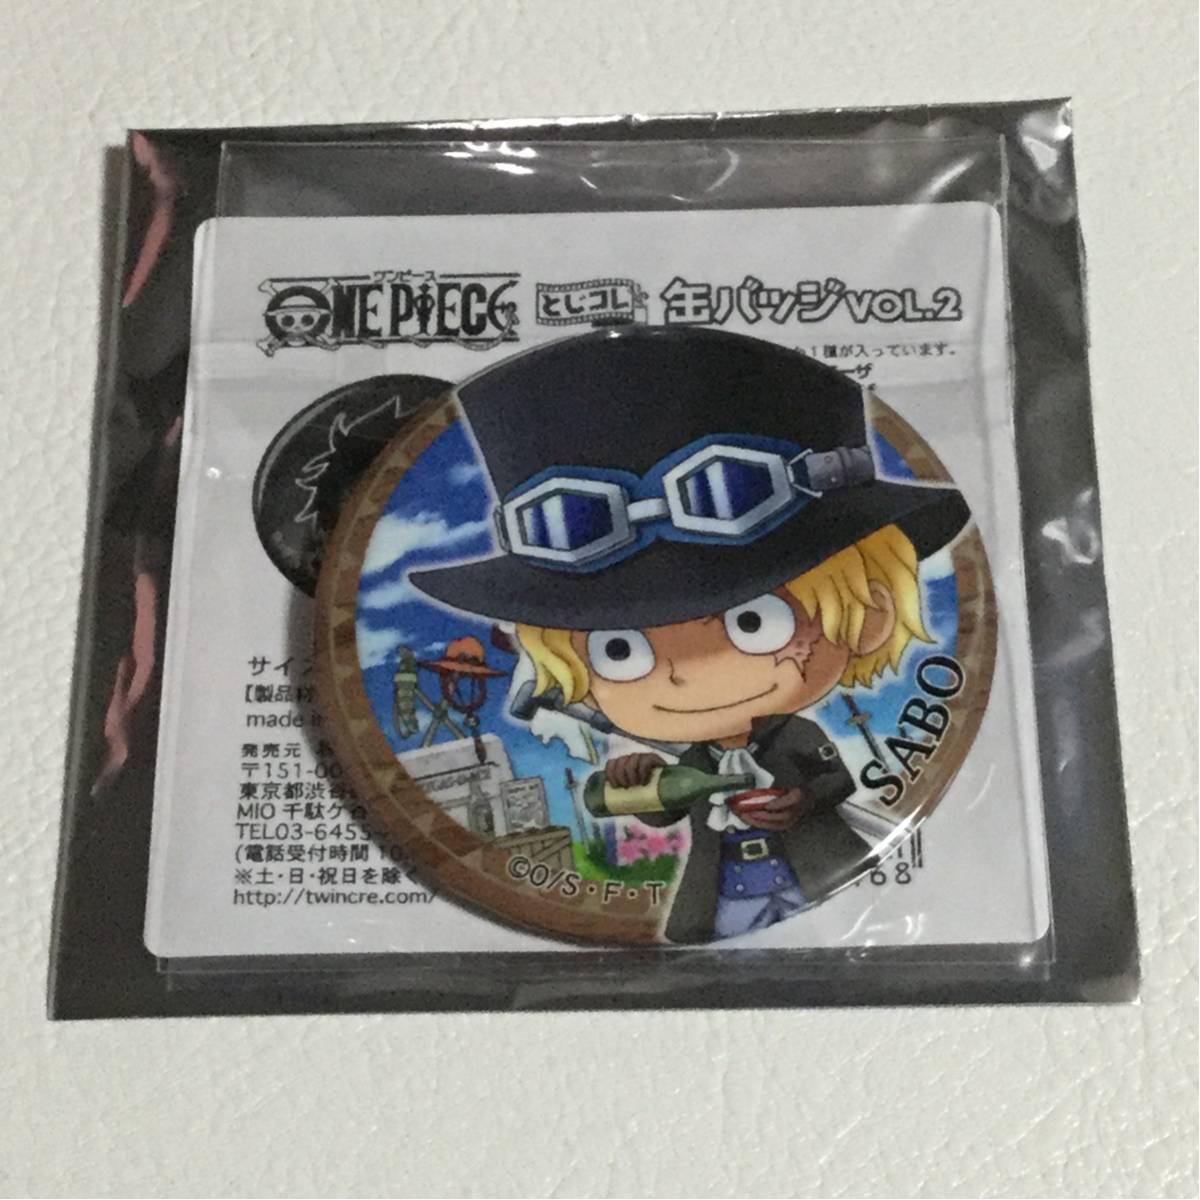 ワンピース とじコレ ジャンプショップ 缶バッジ vol.2 サボ_画像1